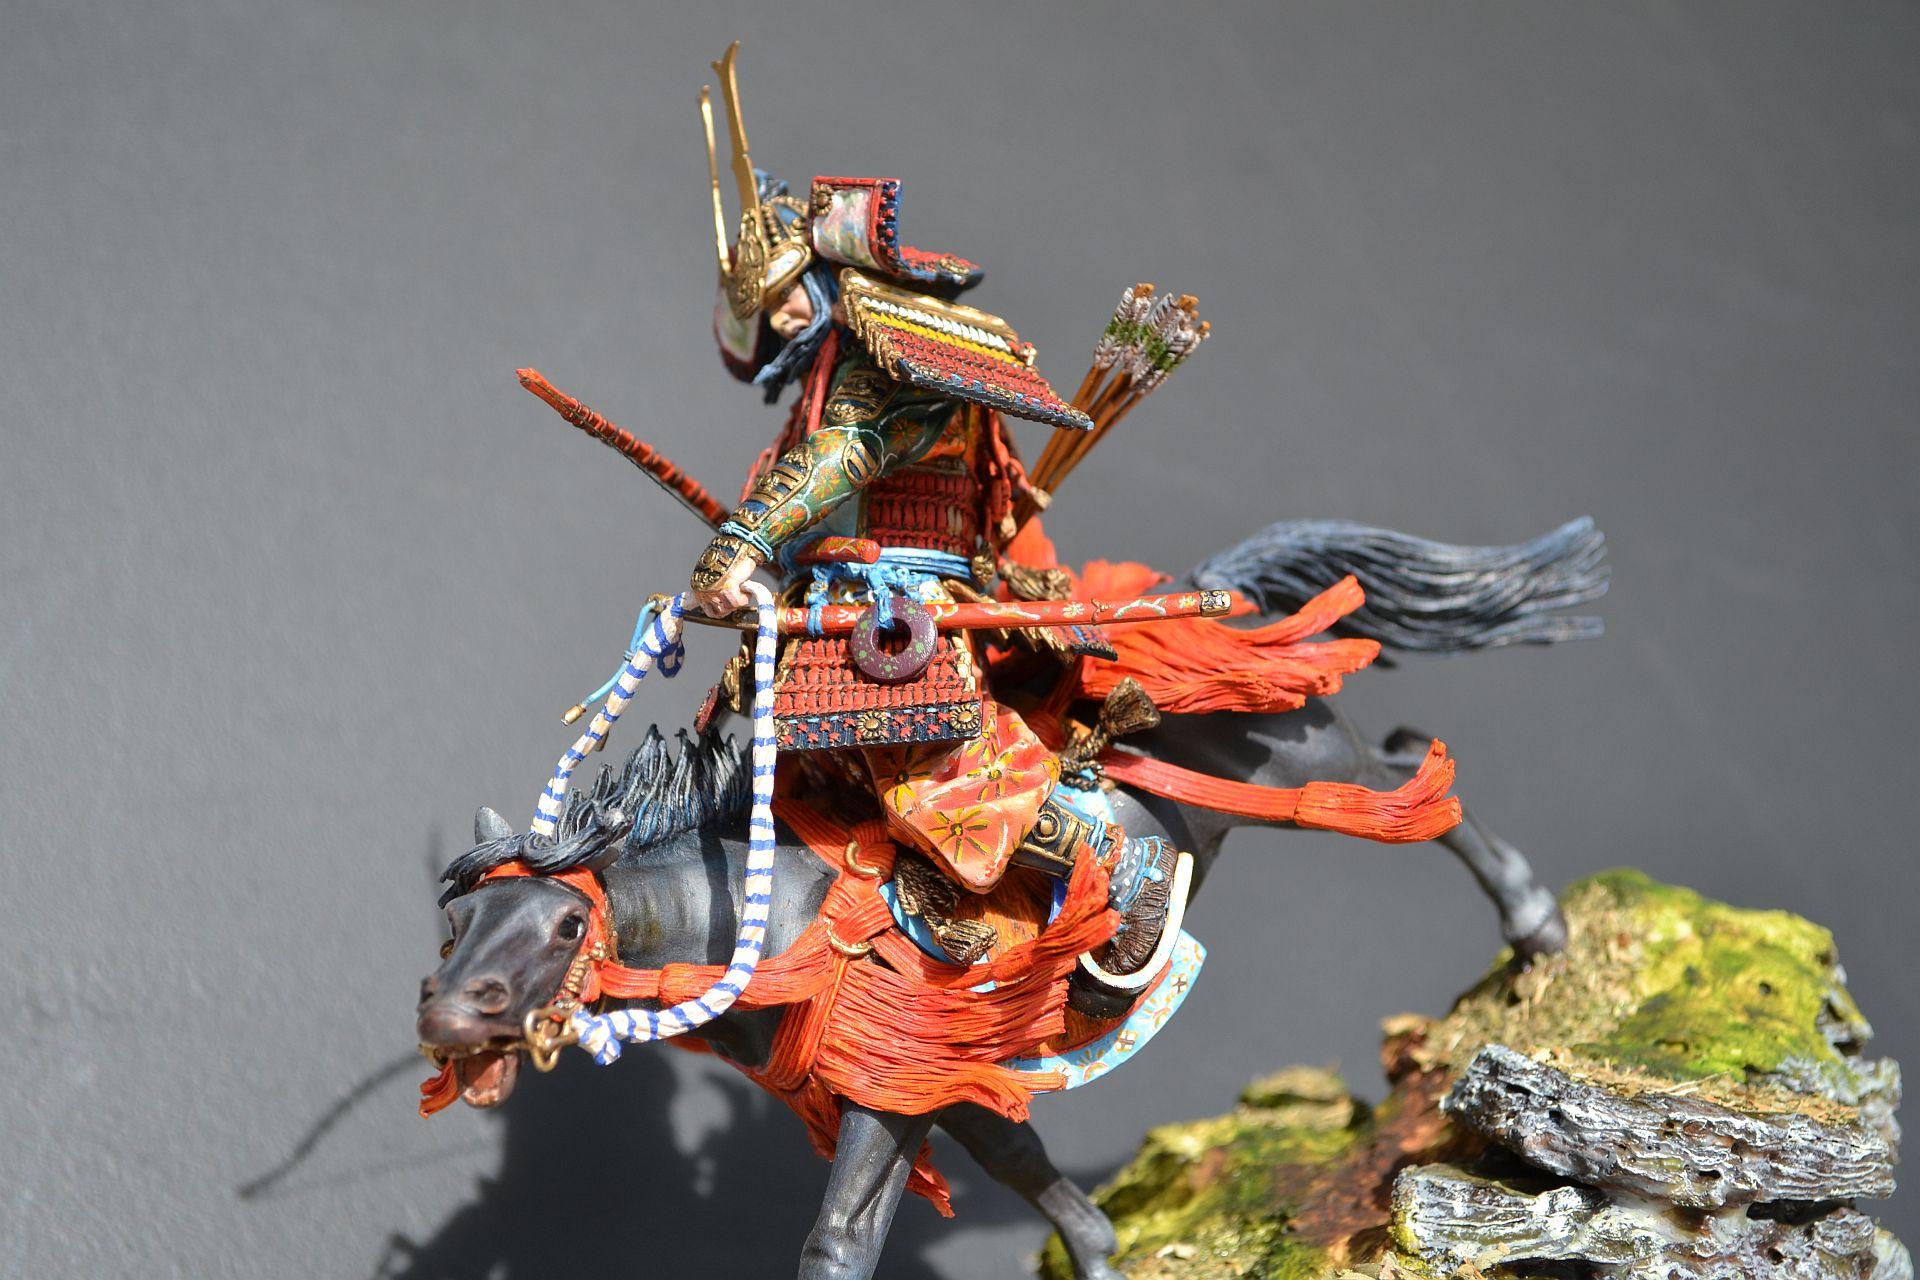 figurine pegaso - samouraï 90 mm - Page 3 161104013706291423